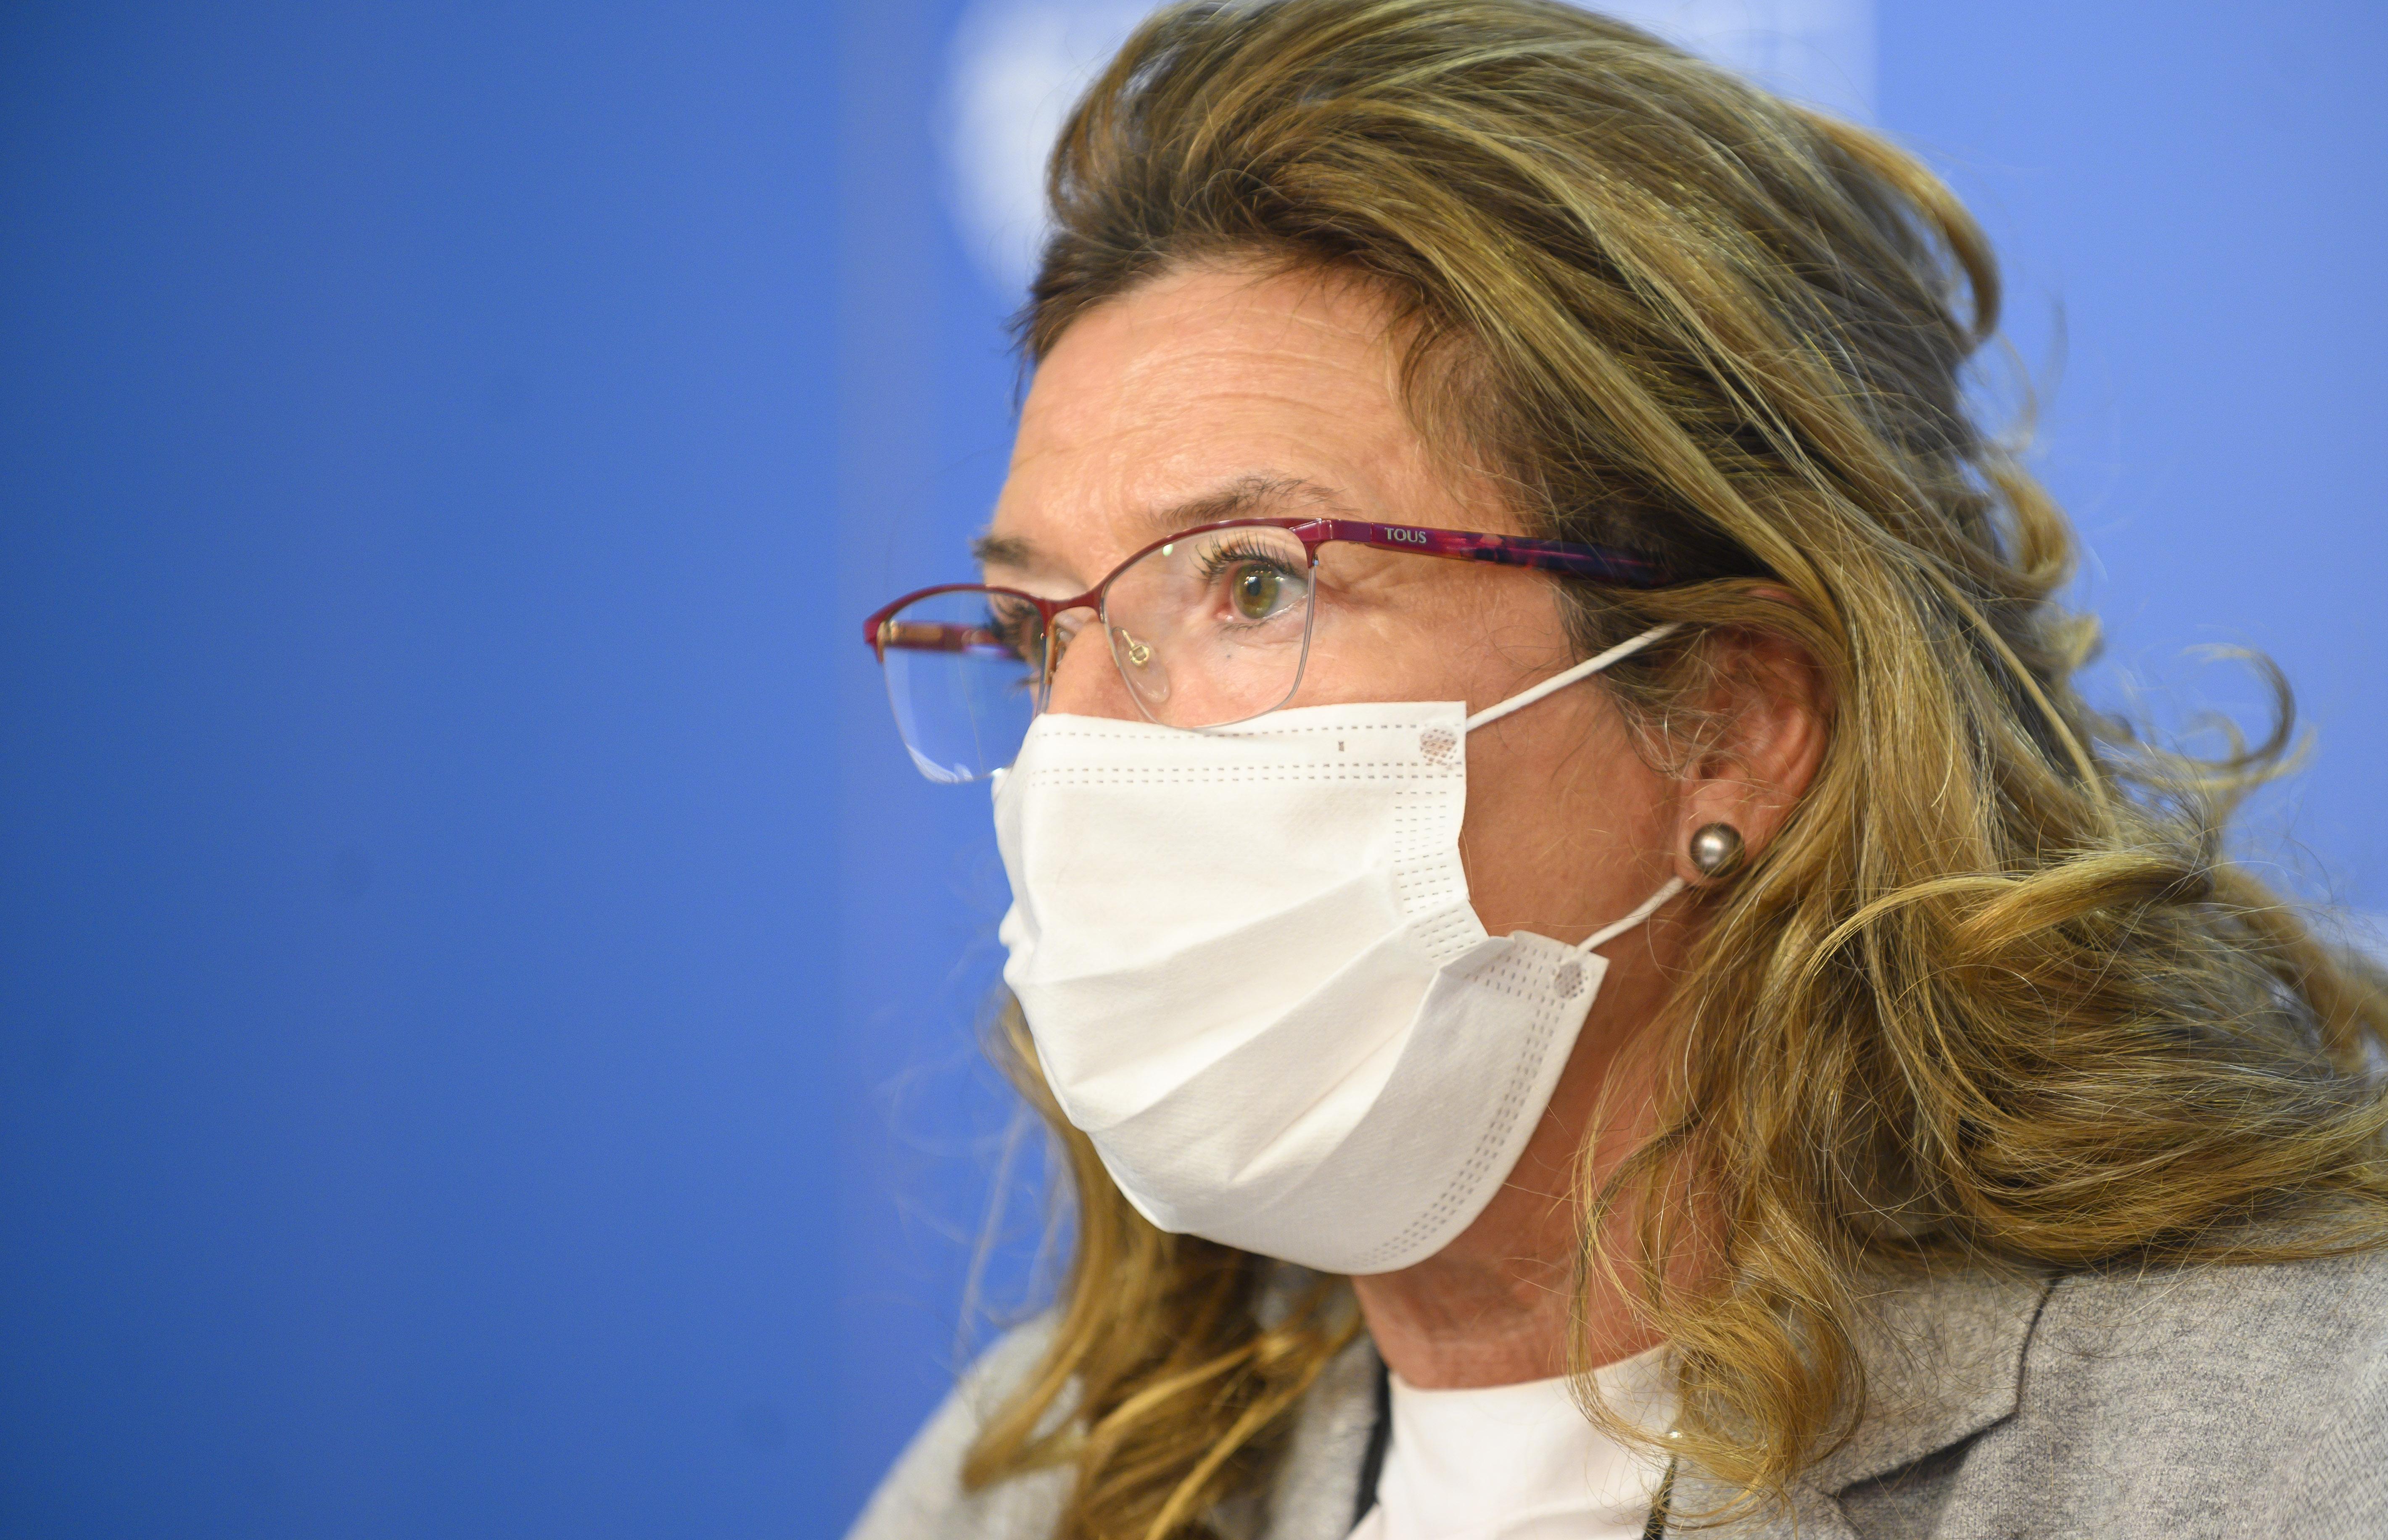 2020_11_30_comparecencia_salud_labi_04.jpg